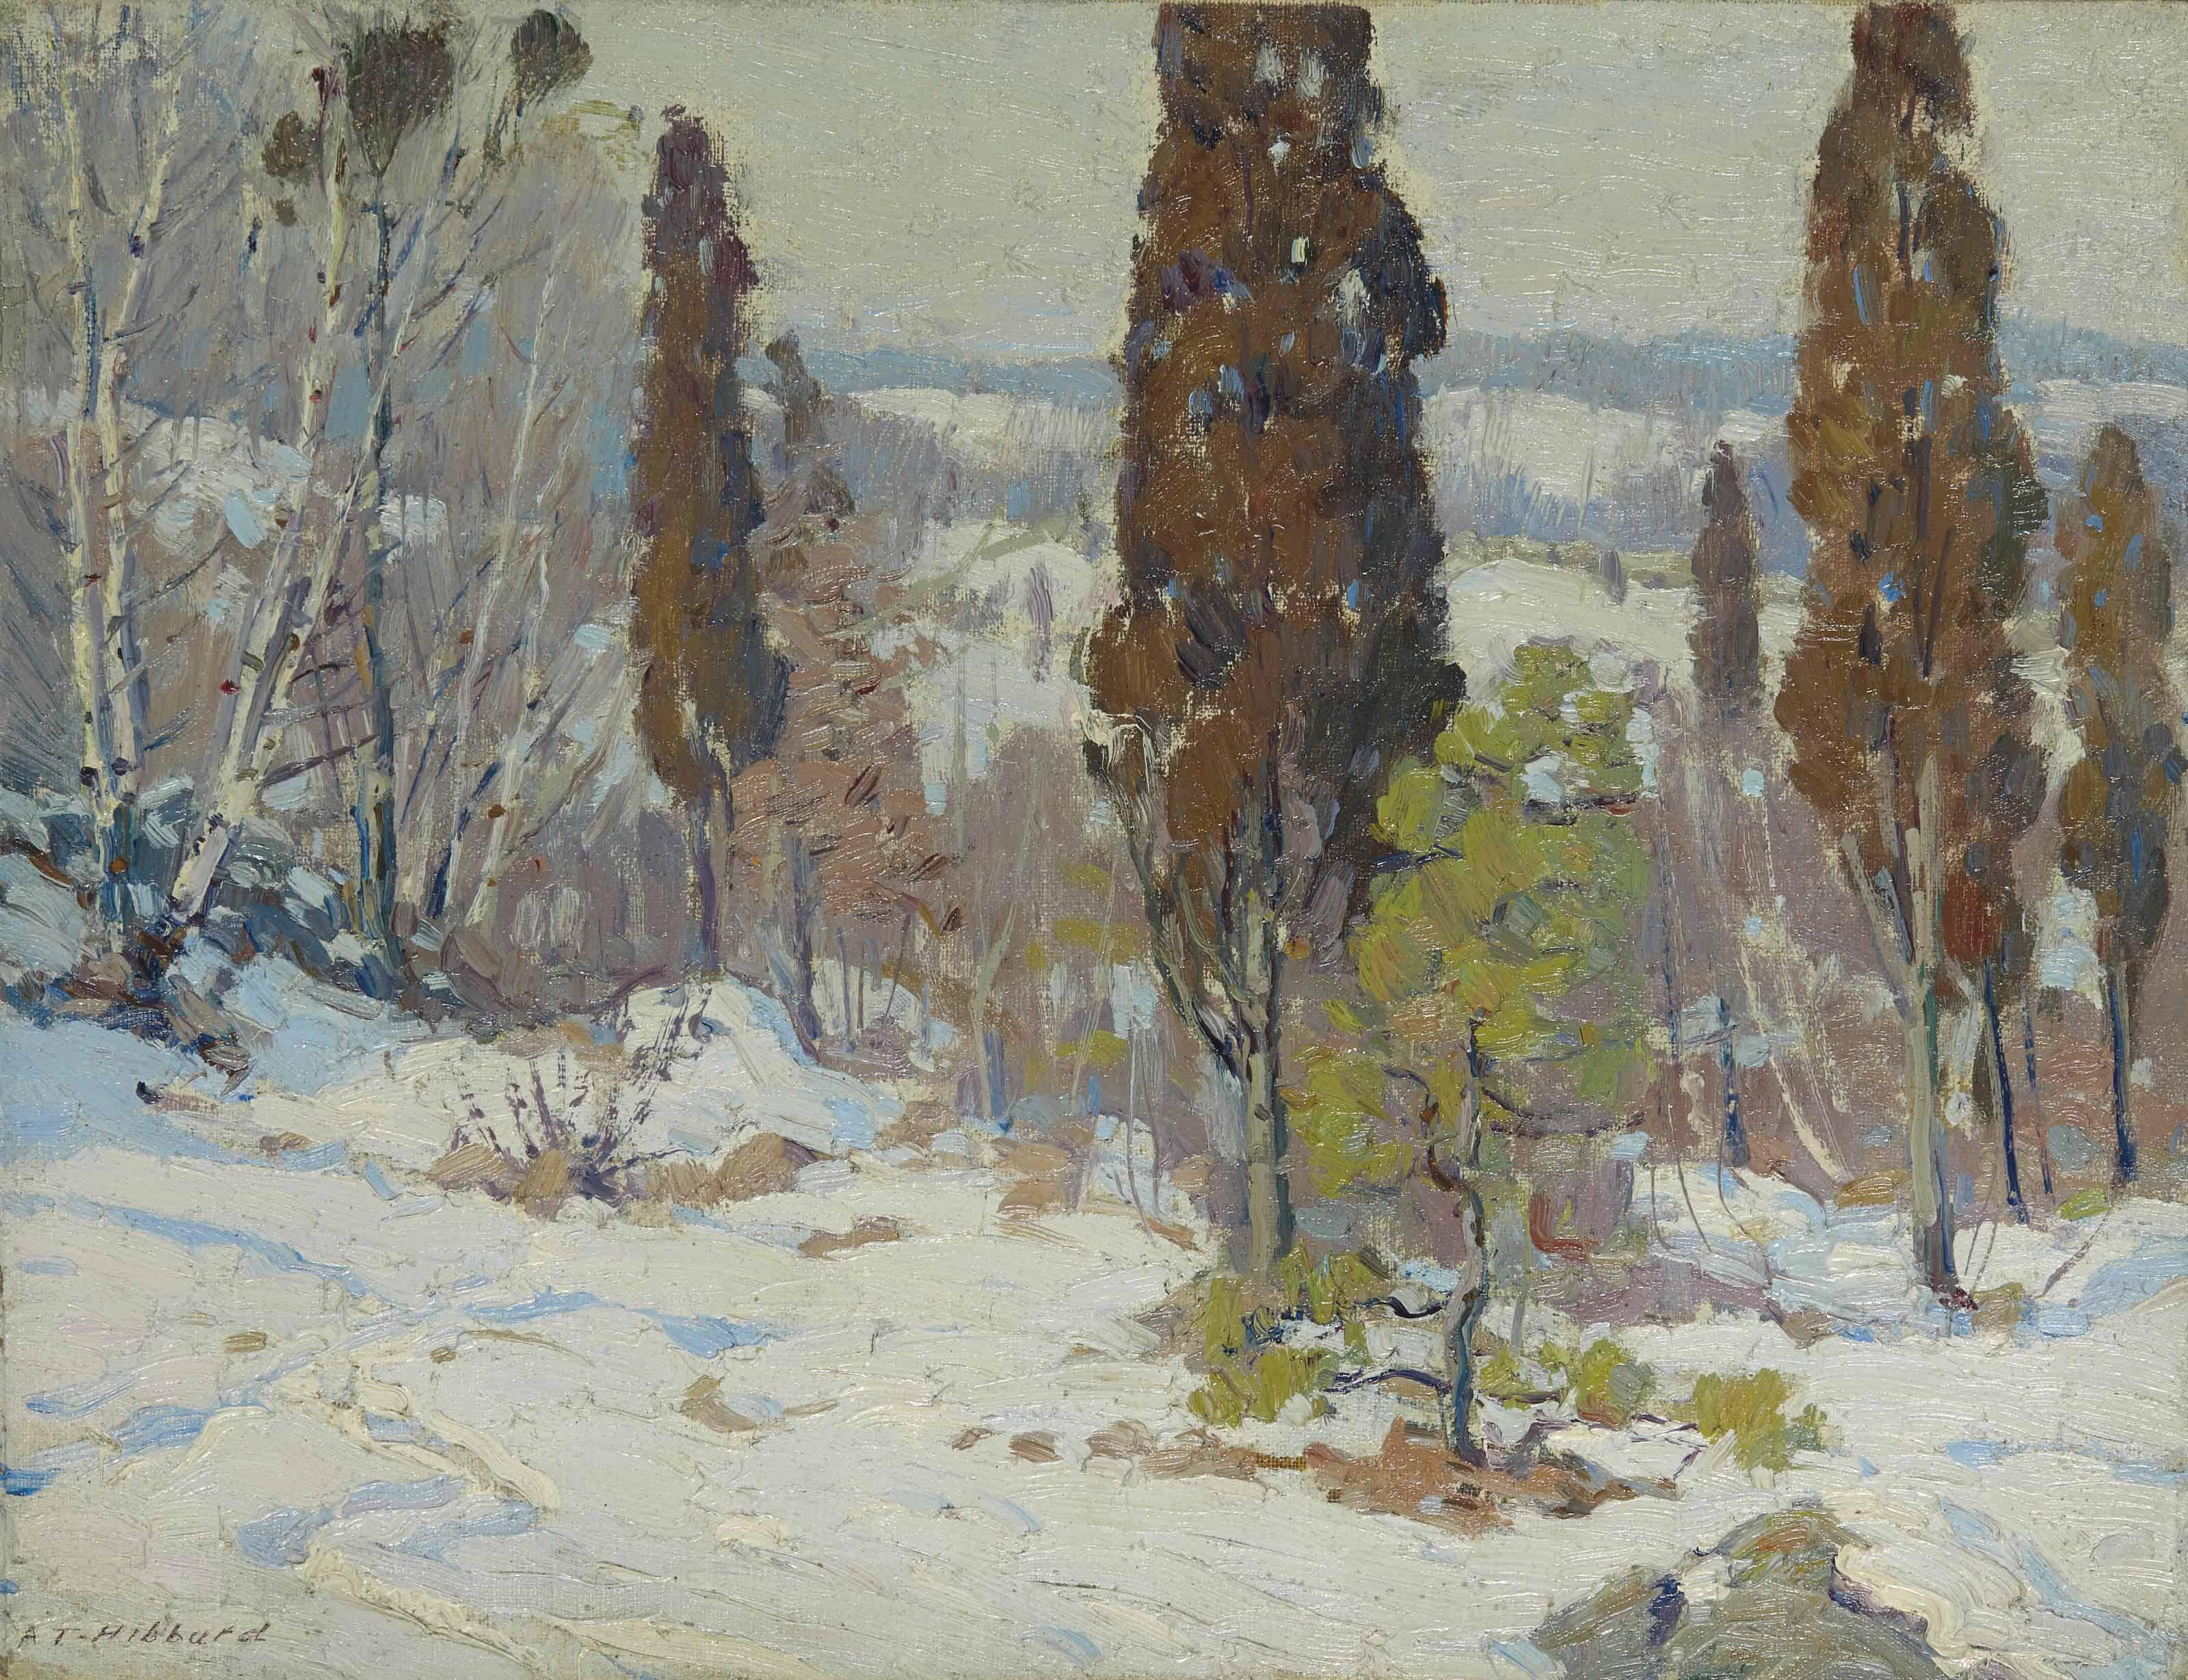 Peupliers dans un paysage de neige